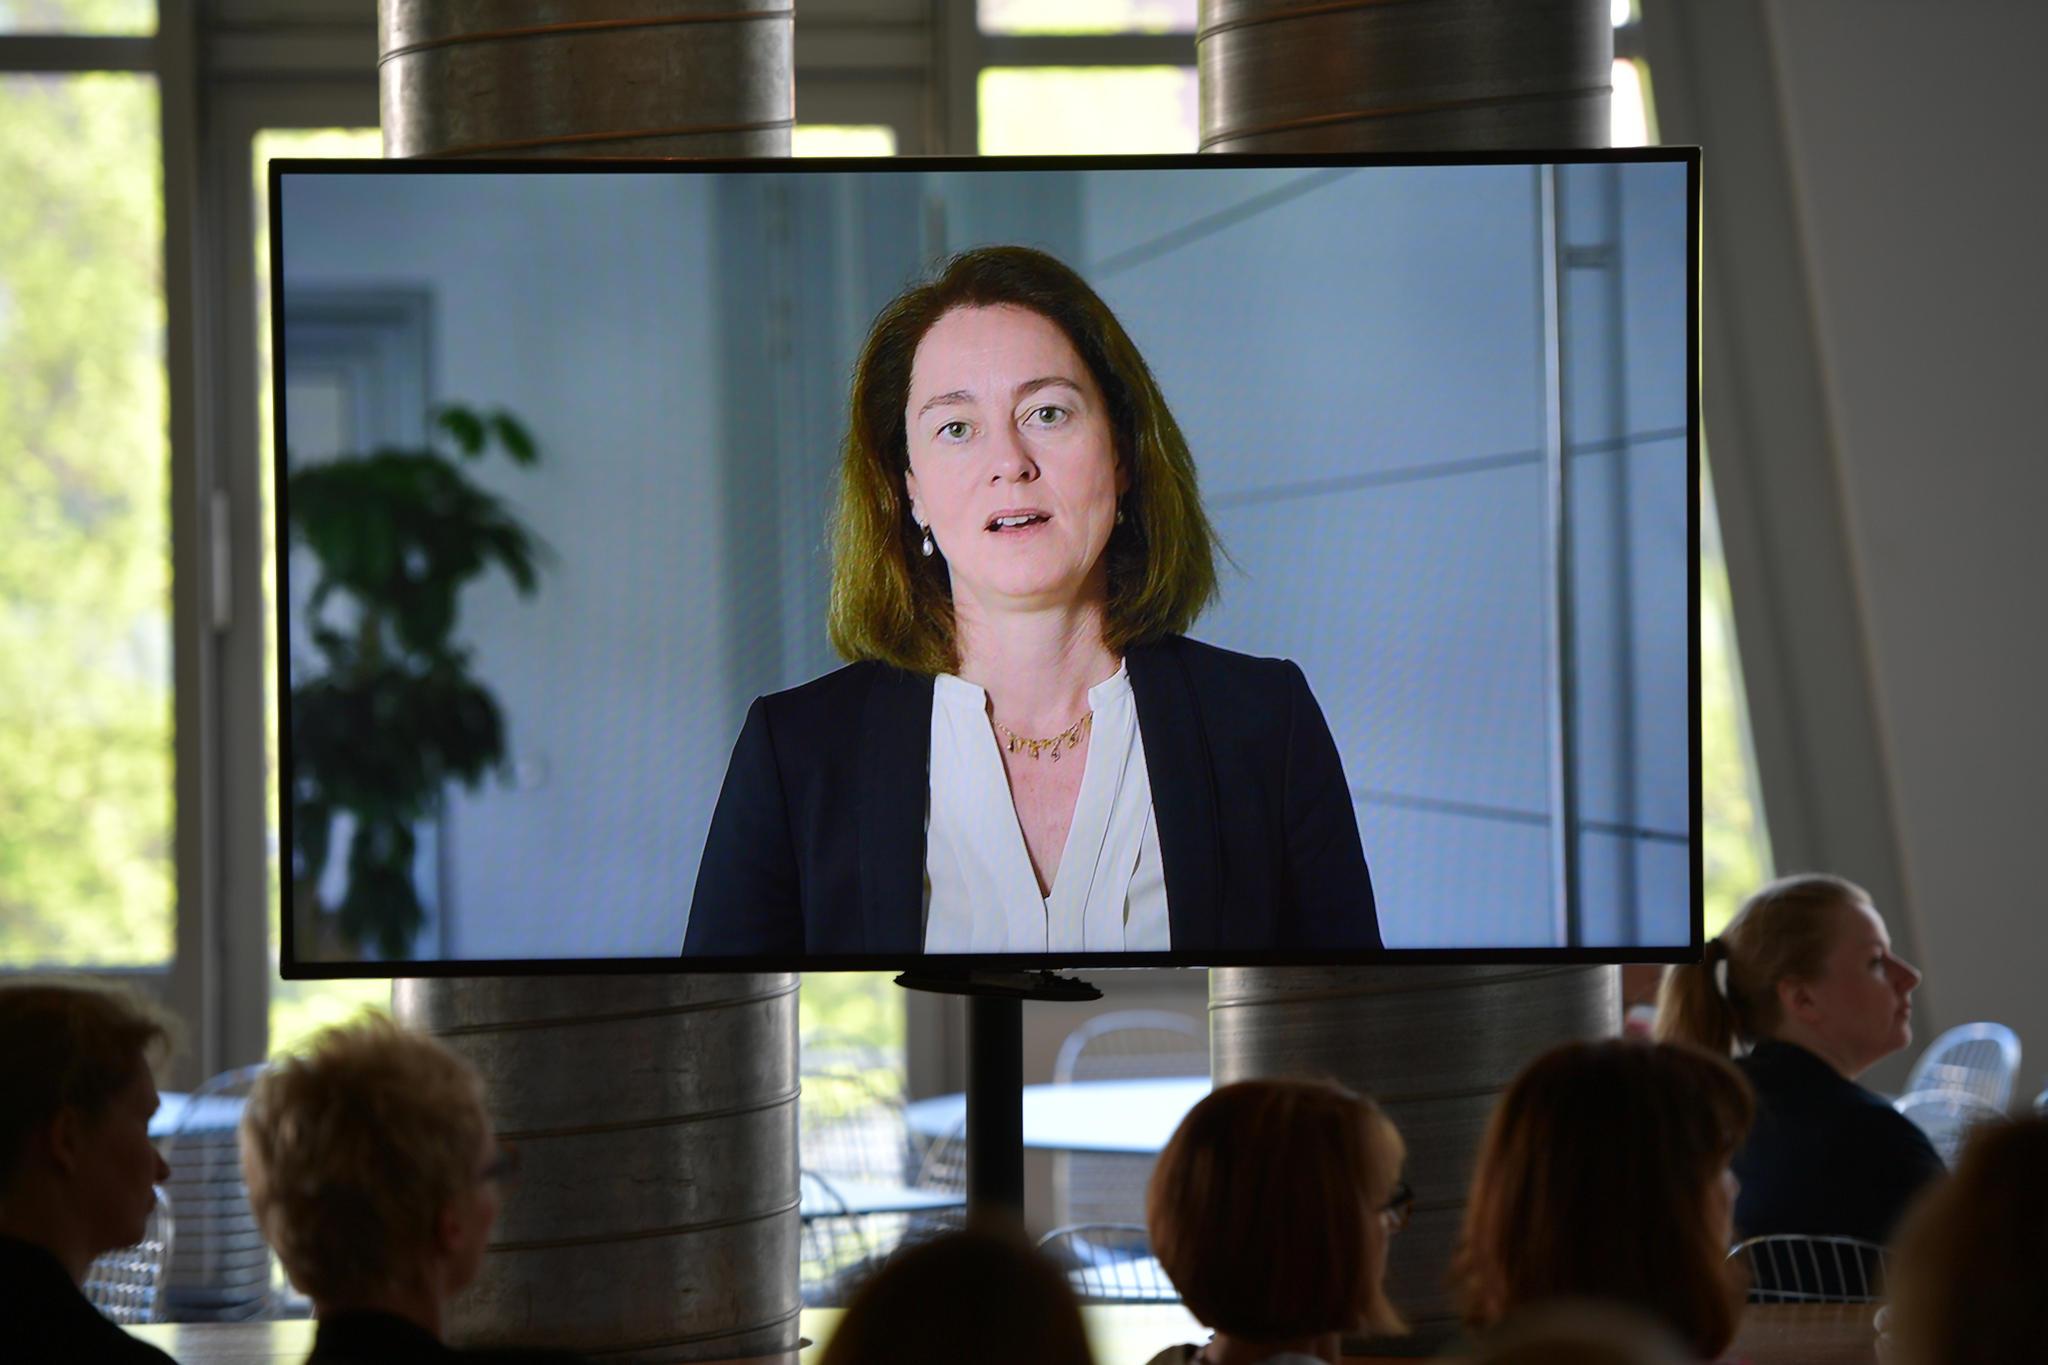 Die Schirmherrin konnte leider nicht persönlich kommen - Justizministerin Dr. Katarina Barley schickte ein Grußwort nach Hamburg.